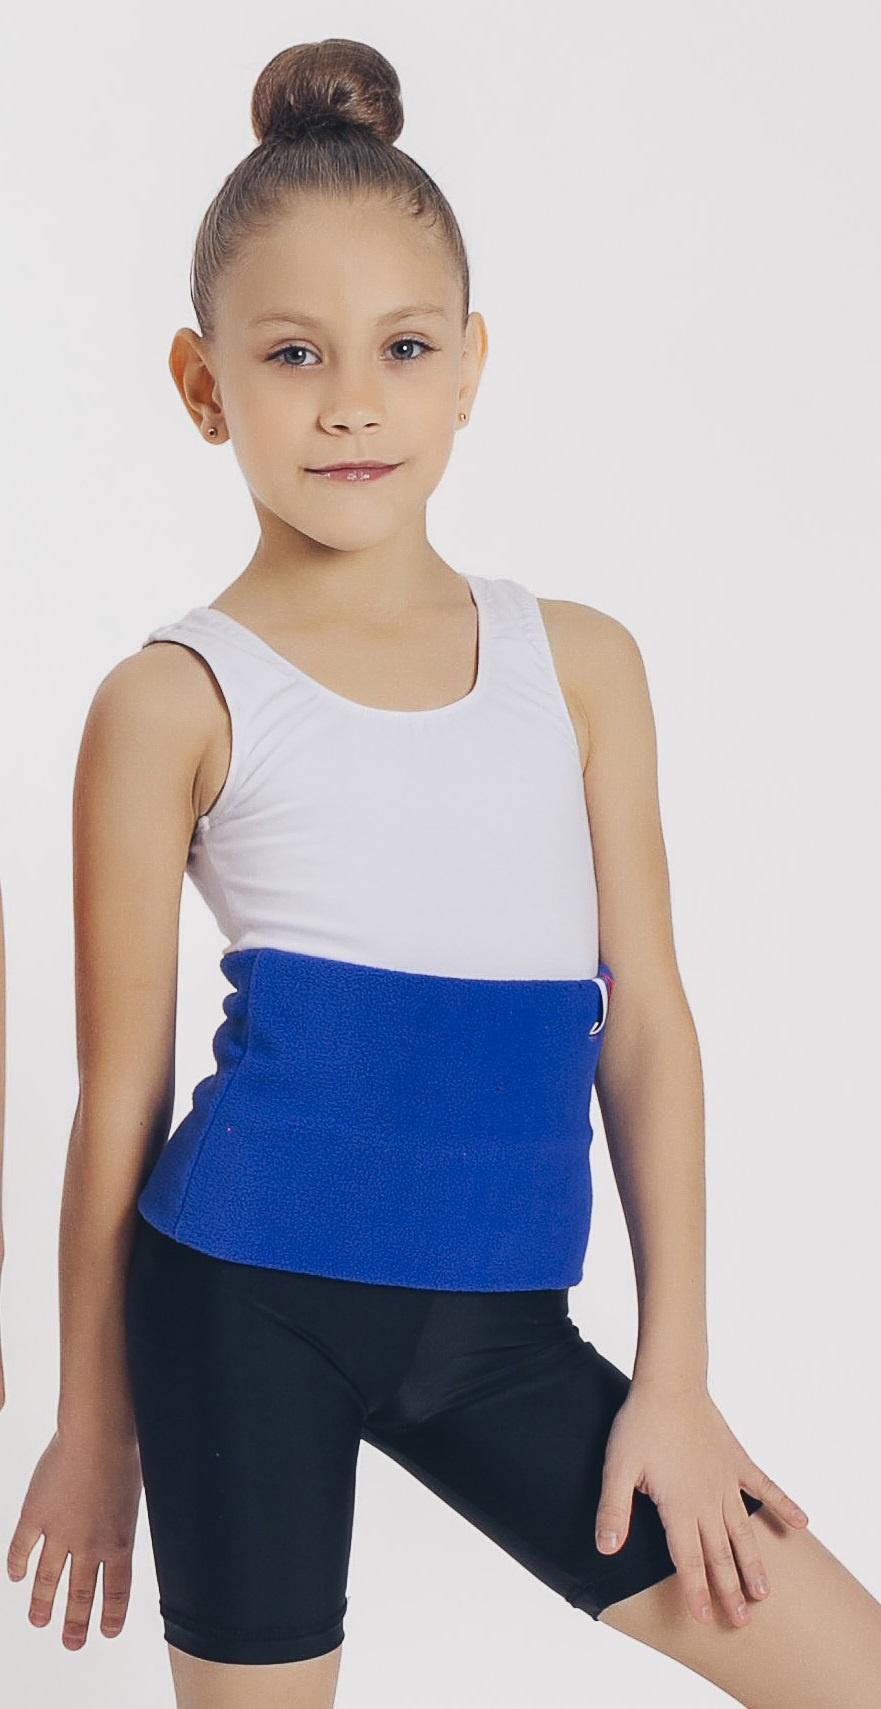 Пояс для похудения Линия Танца согревающий, синий Линия Танца